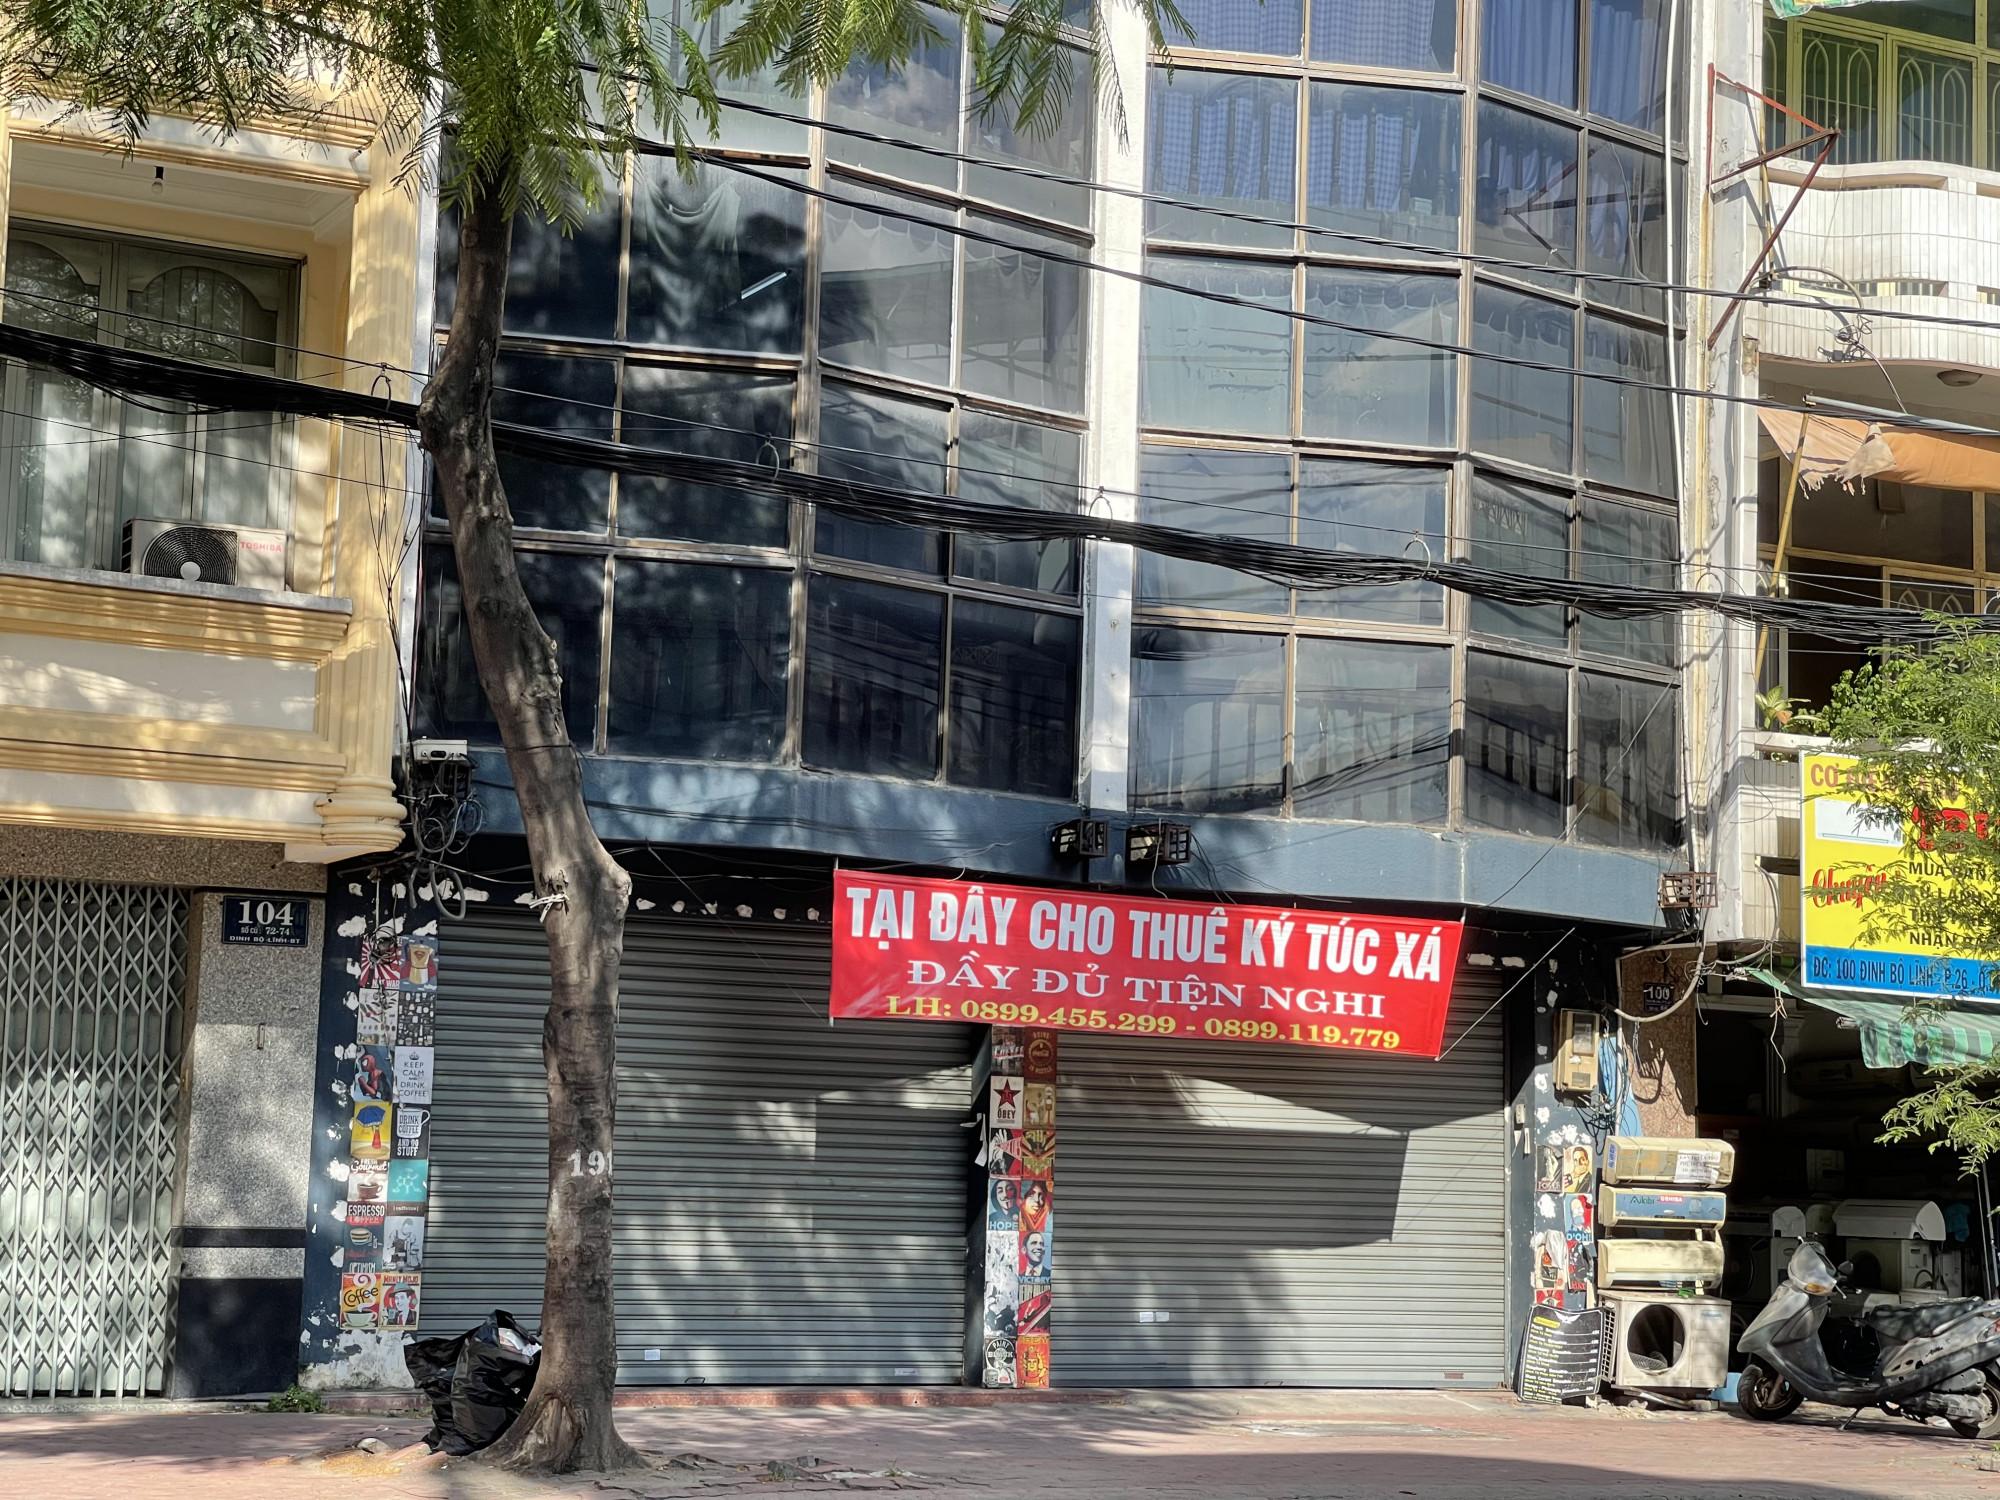 Một tòa nhà văn phòng cho thuê trên đường Đinh Bộ Lĩnh, quận Bình Thạnh chuyển sang cho thuê ký túc xá